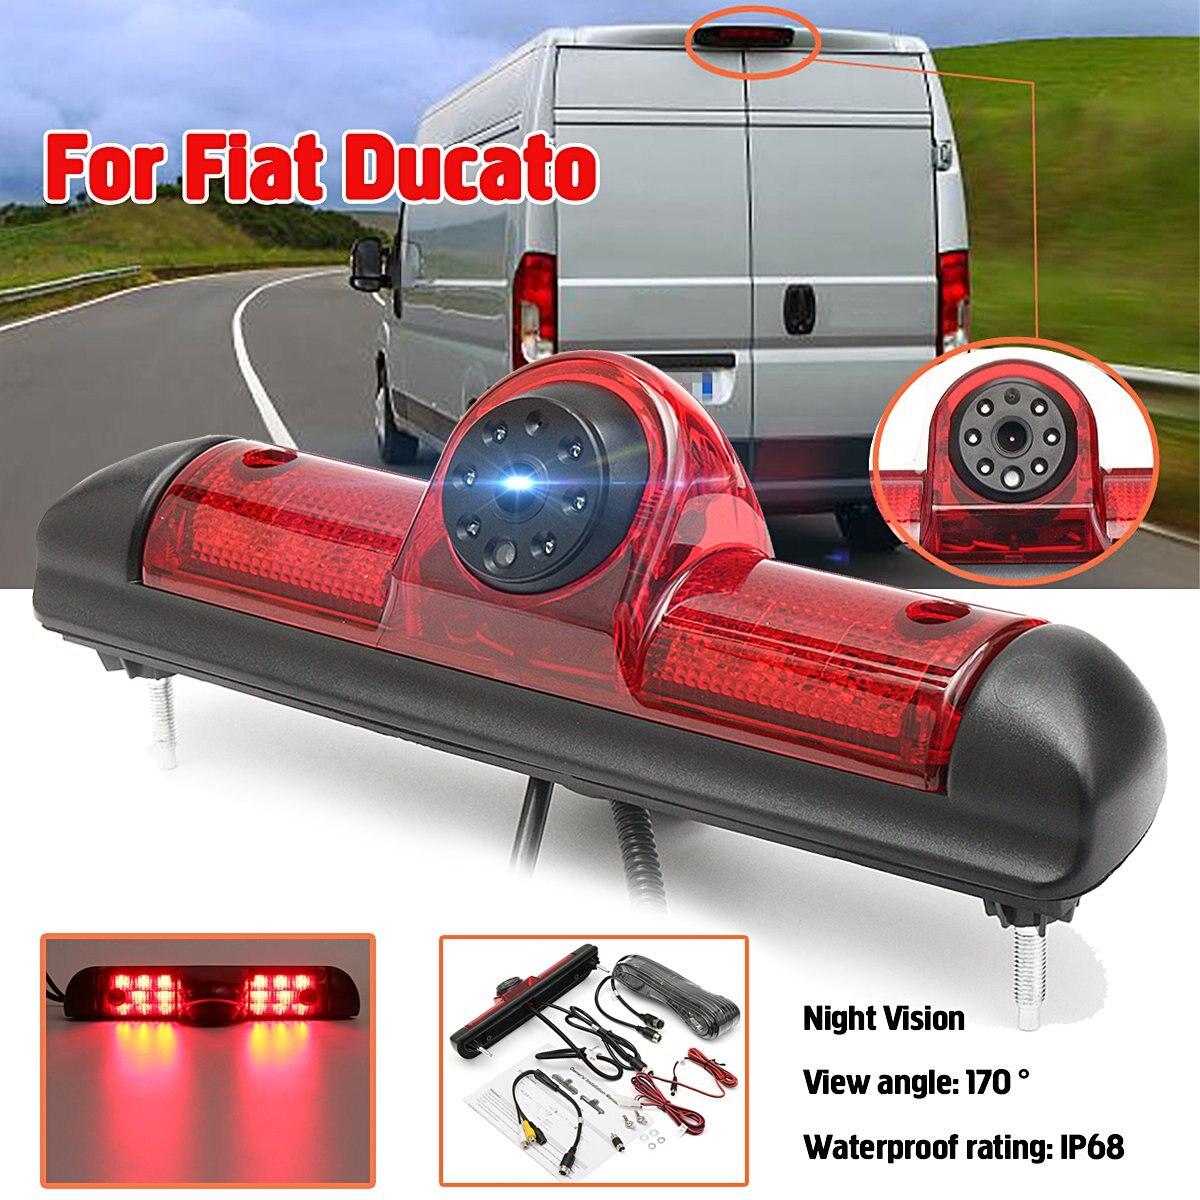 Автомобиль 170 градусов заднего вида резервная камера стоп сигнал ночного видения для Fiat Ducato автомобиля водонепроницаемый высокое качество